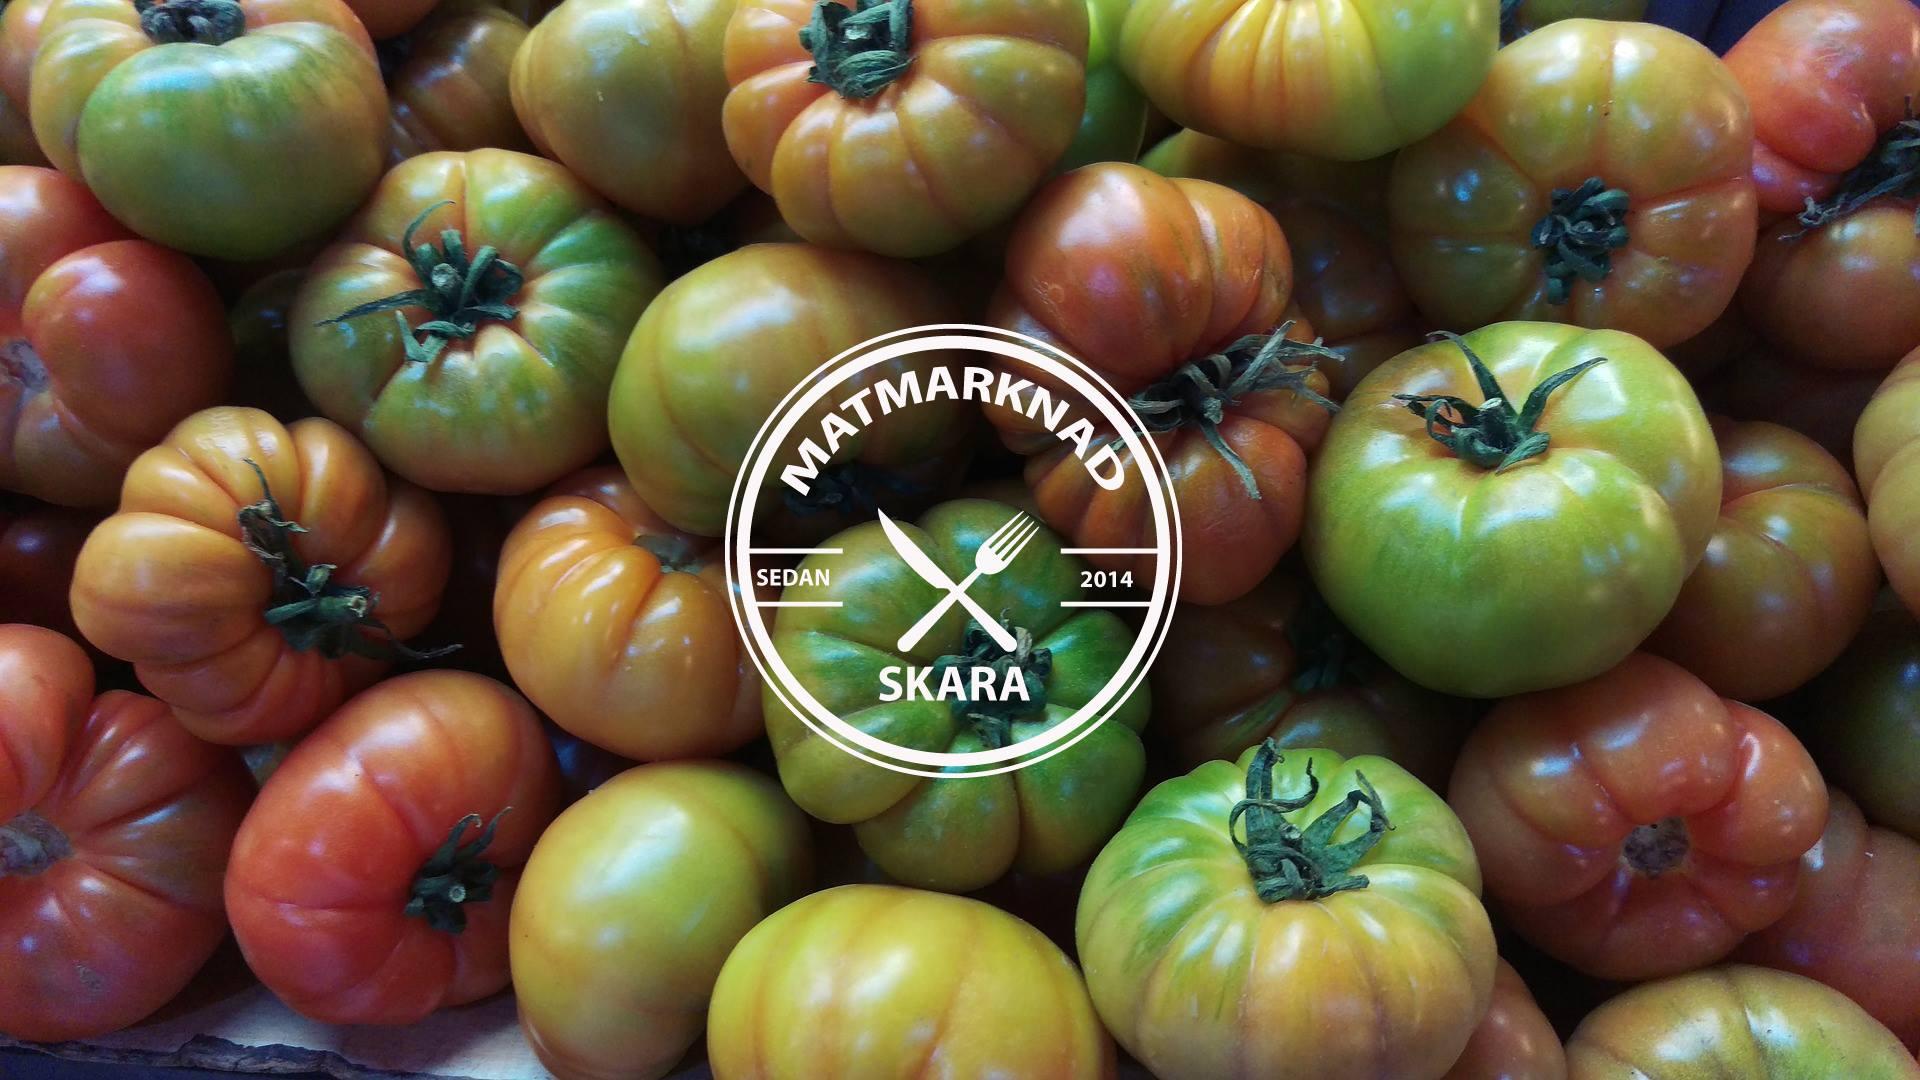 Matmarknader